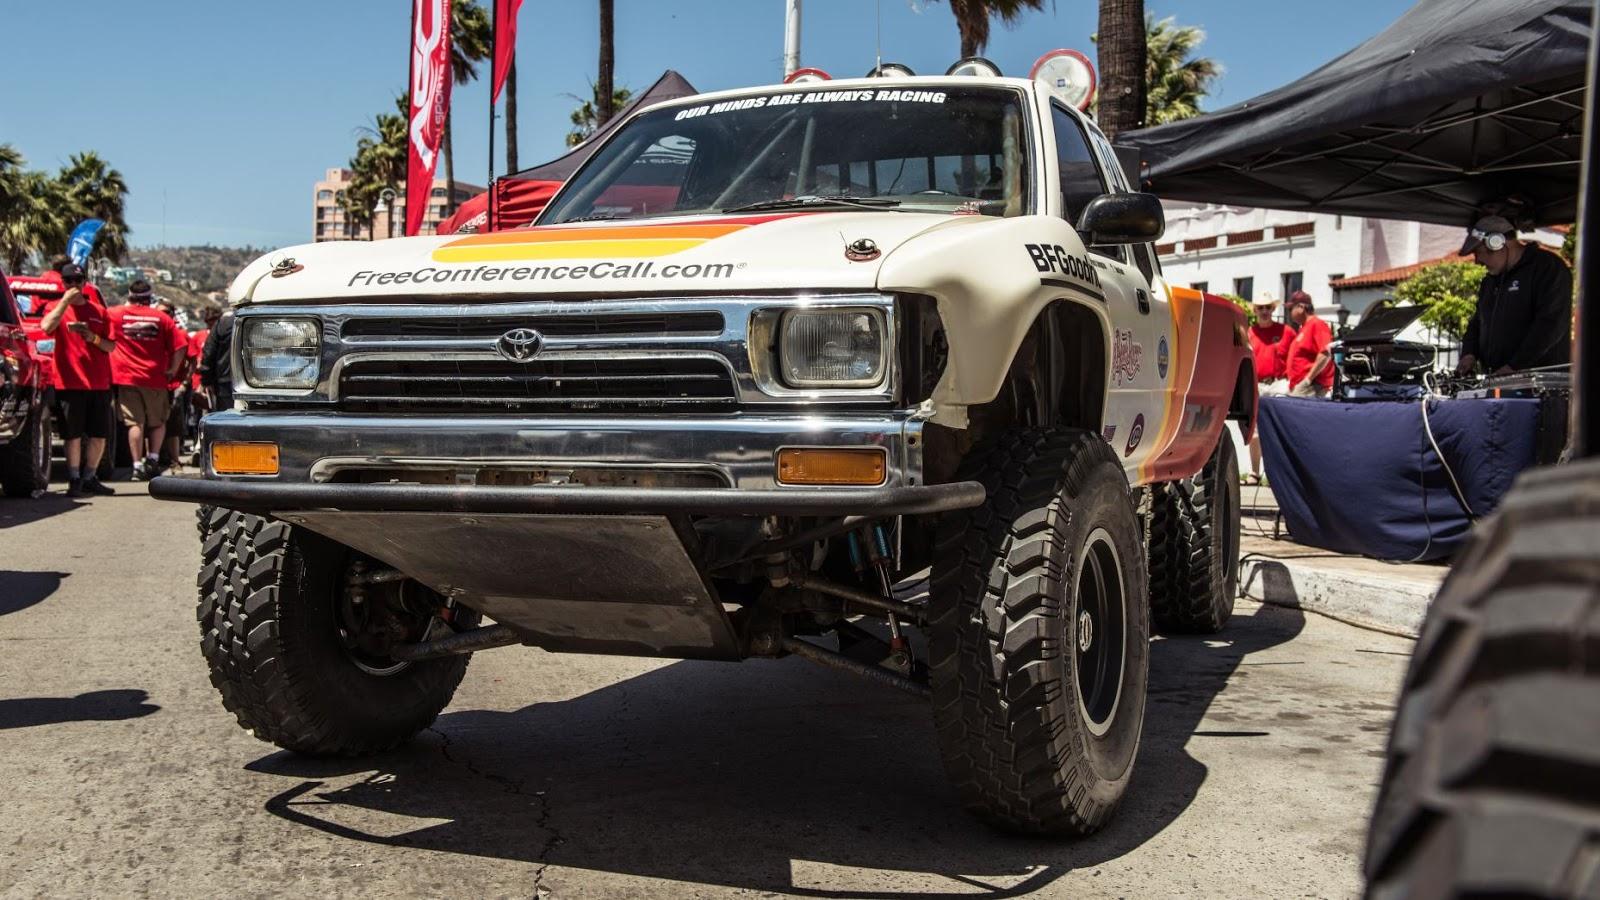 TOP siêu xe điên rồ & kỳ quái nhất xuất hiện tại Mexico 1000